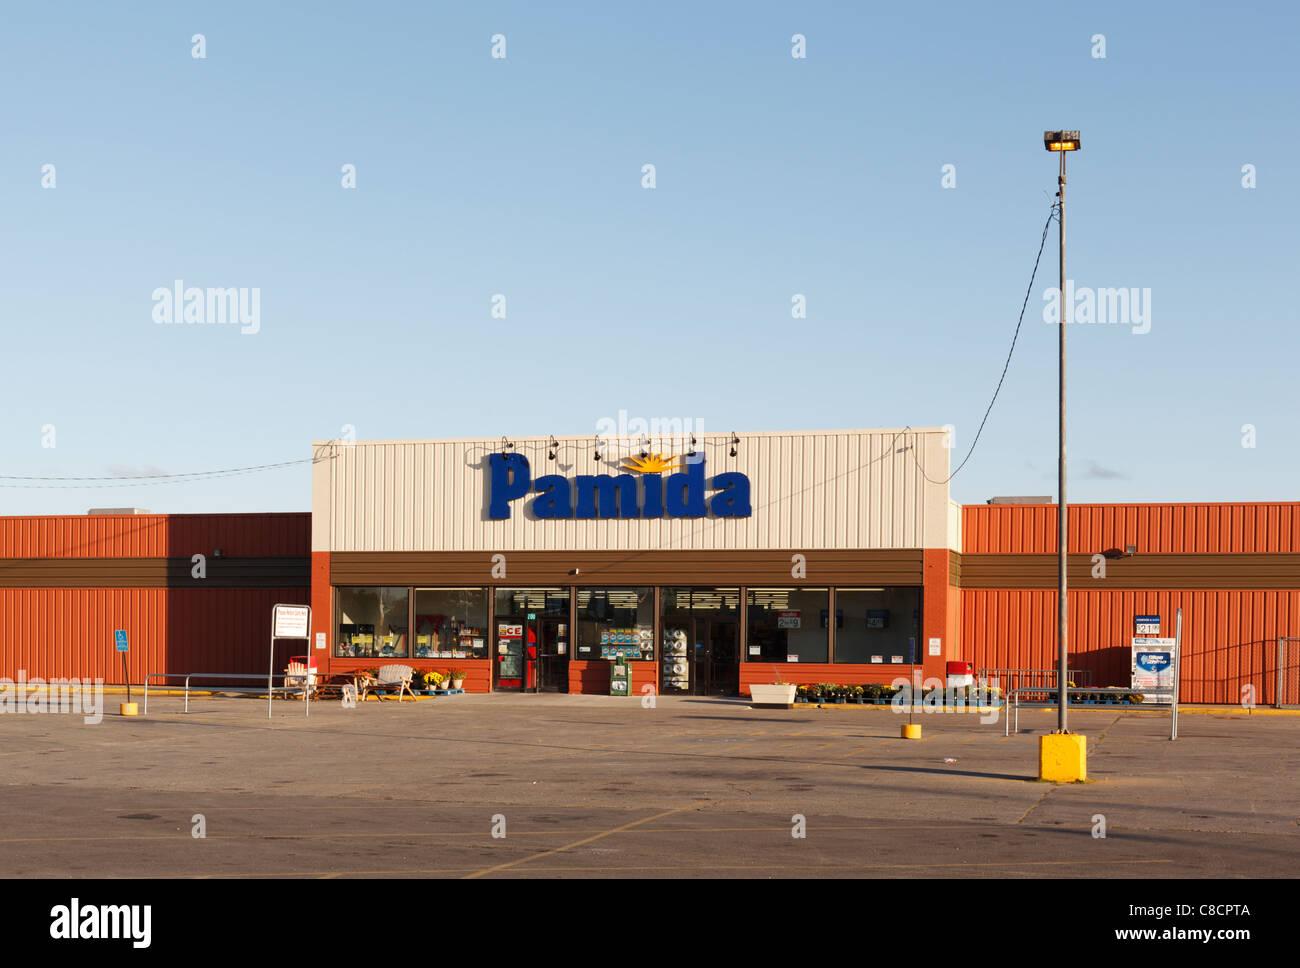 A Pamida discount store, Bemidji, MN, USA. - Stock Image